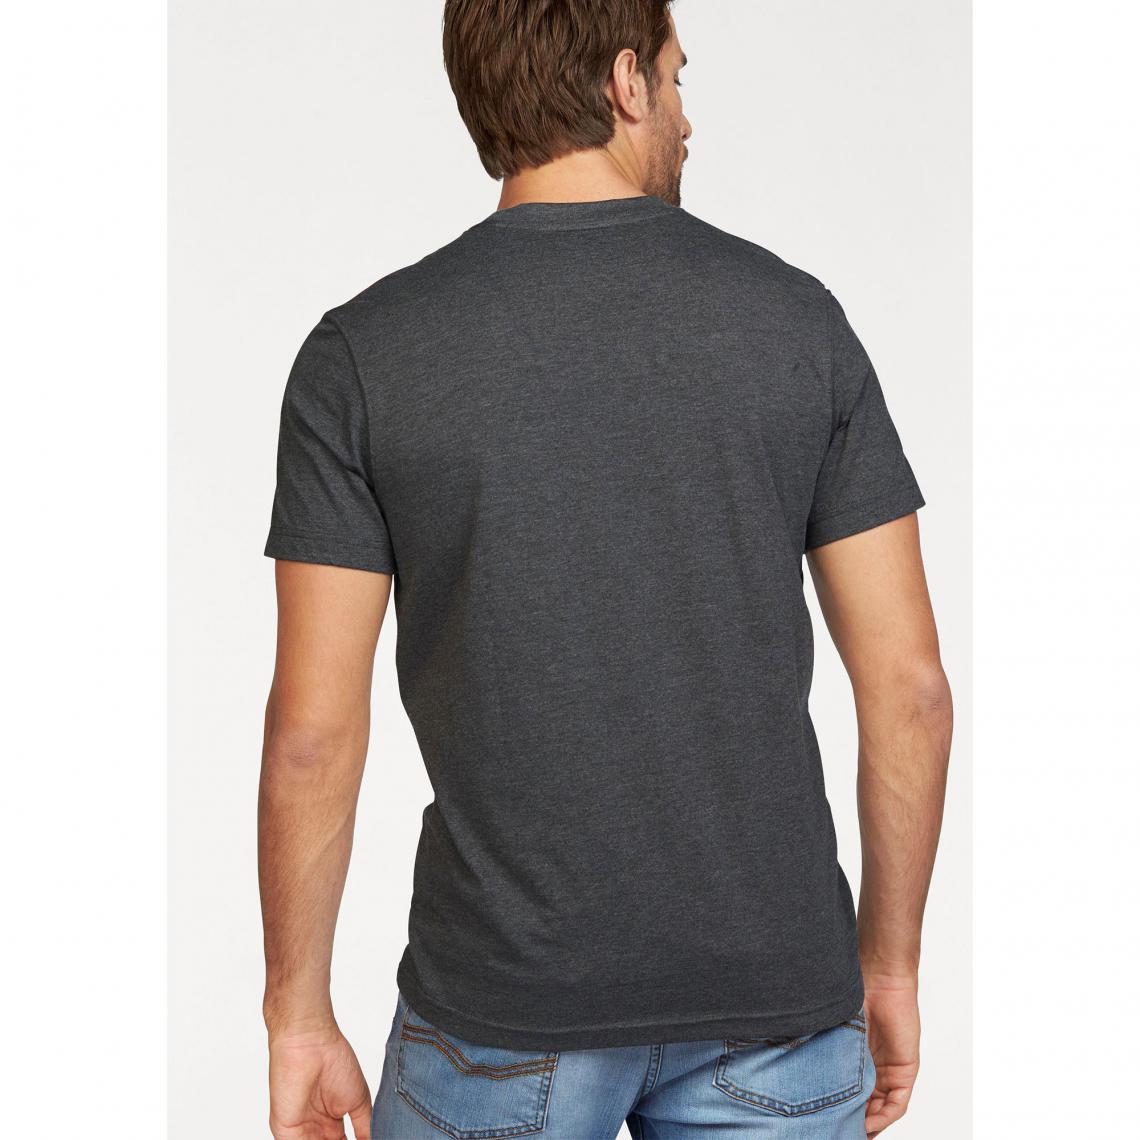 Tee shirt manches courtes imprimé vintage homme Rhode Island